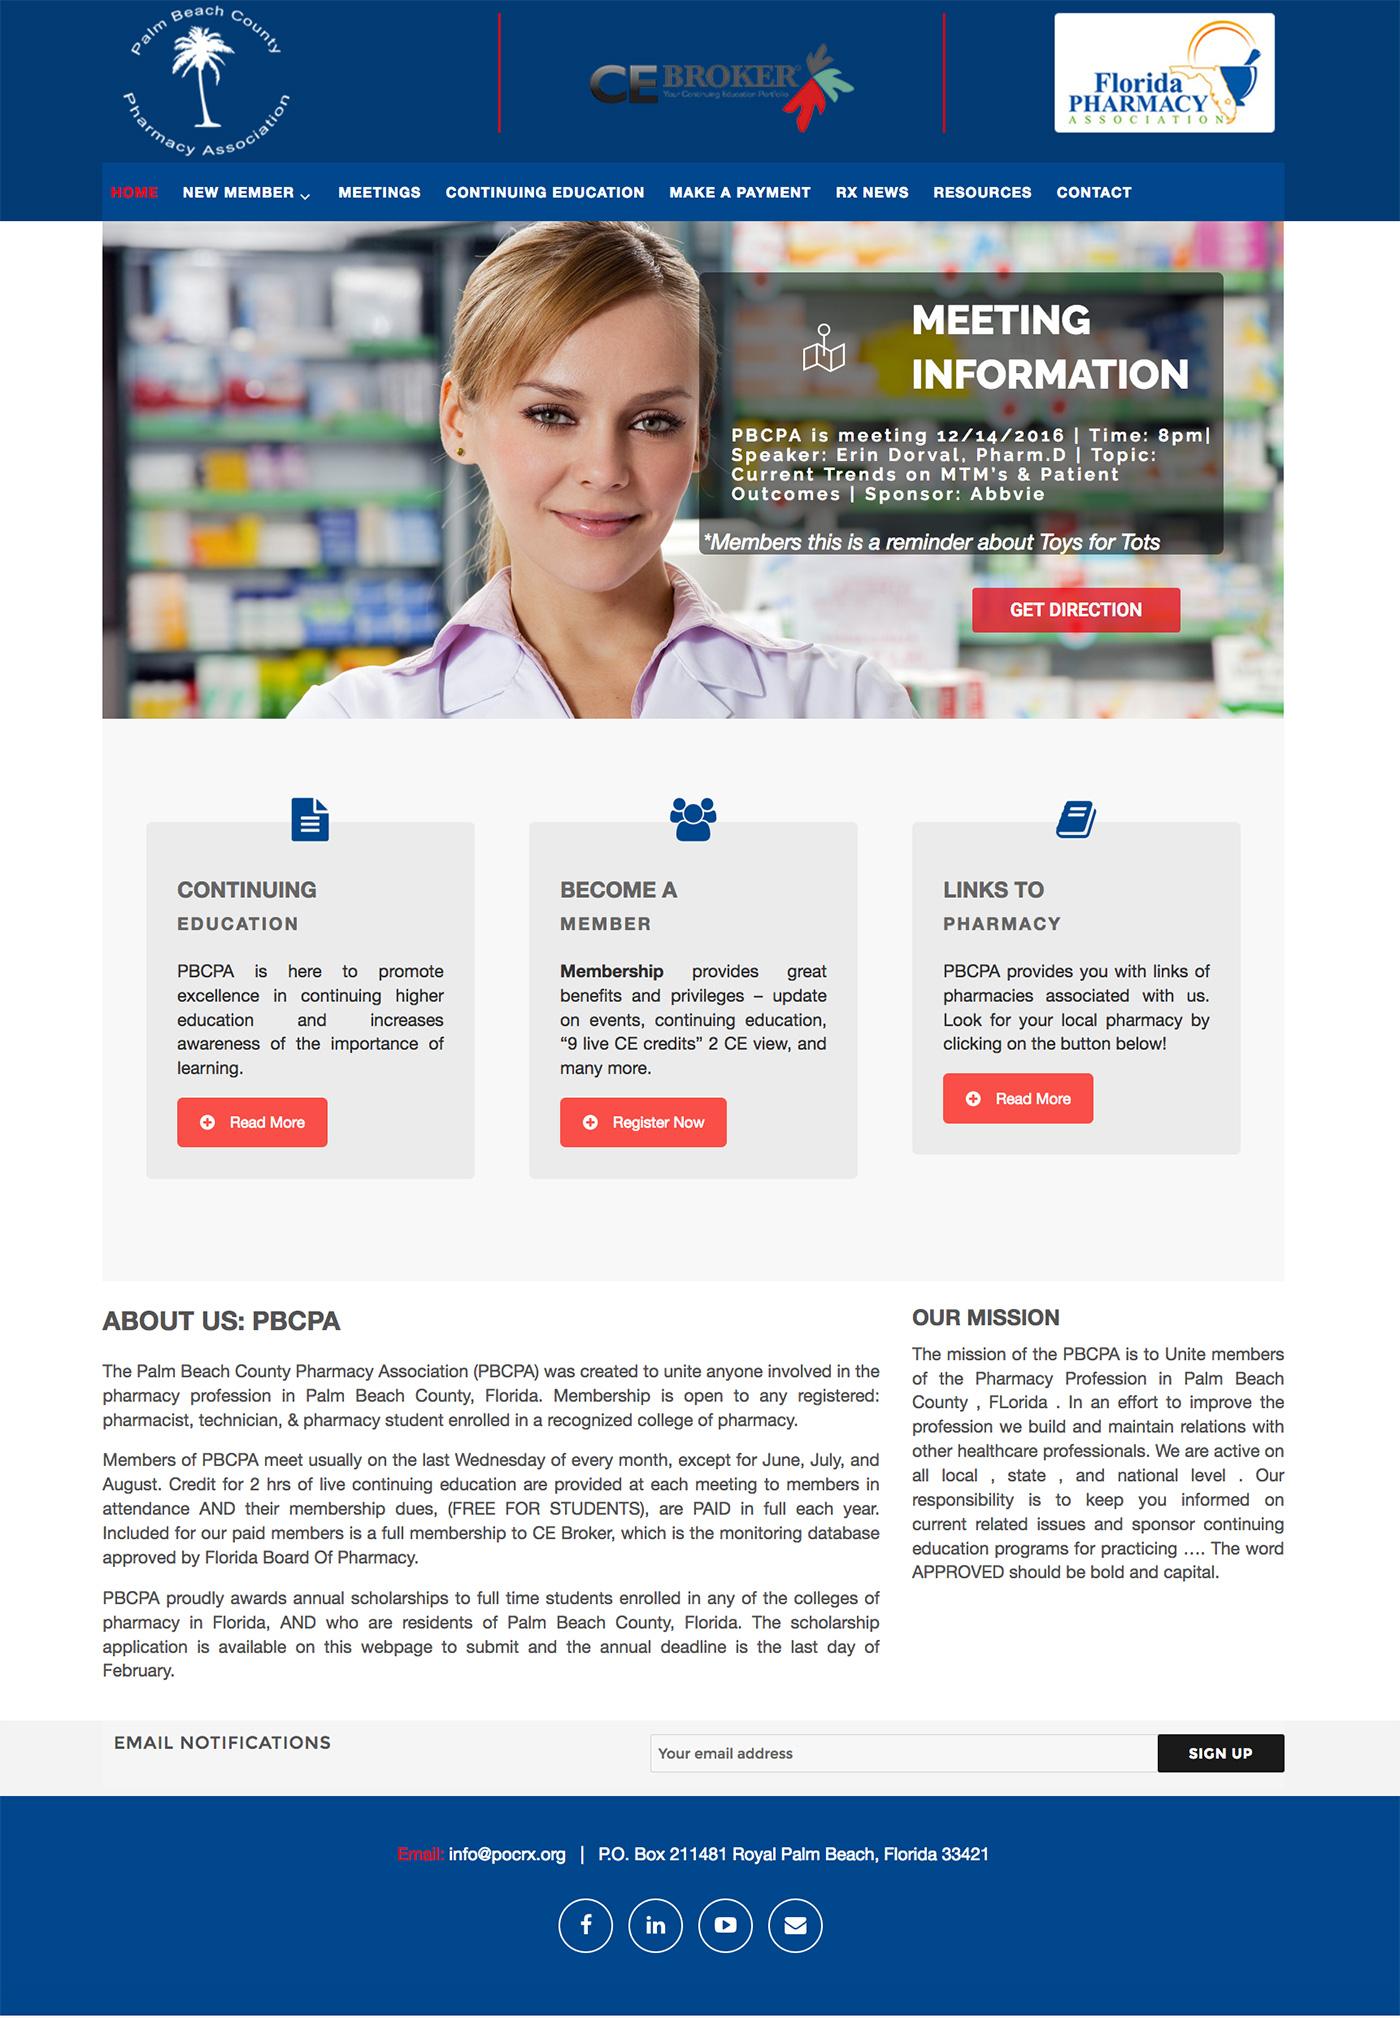 responsive-site-pbcrx-new